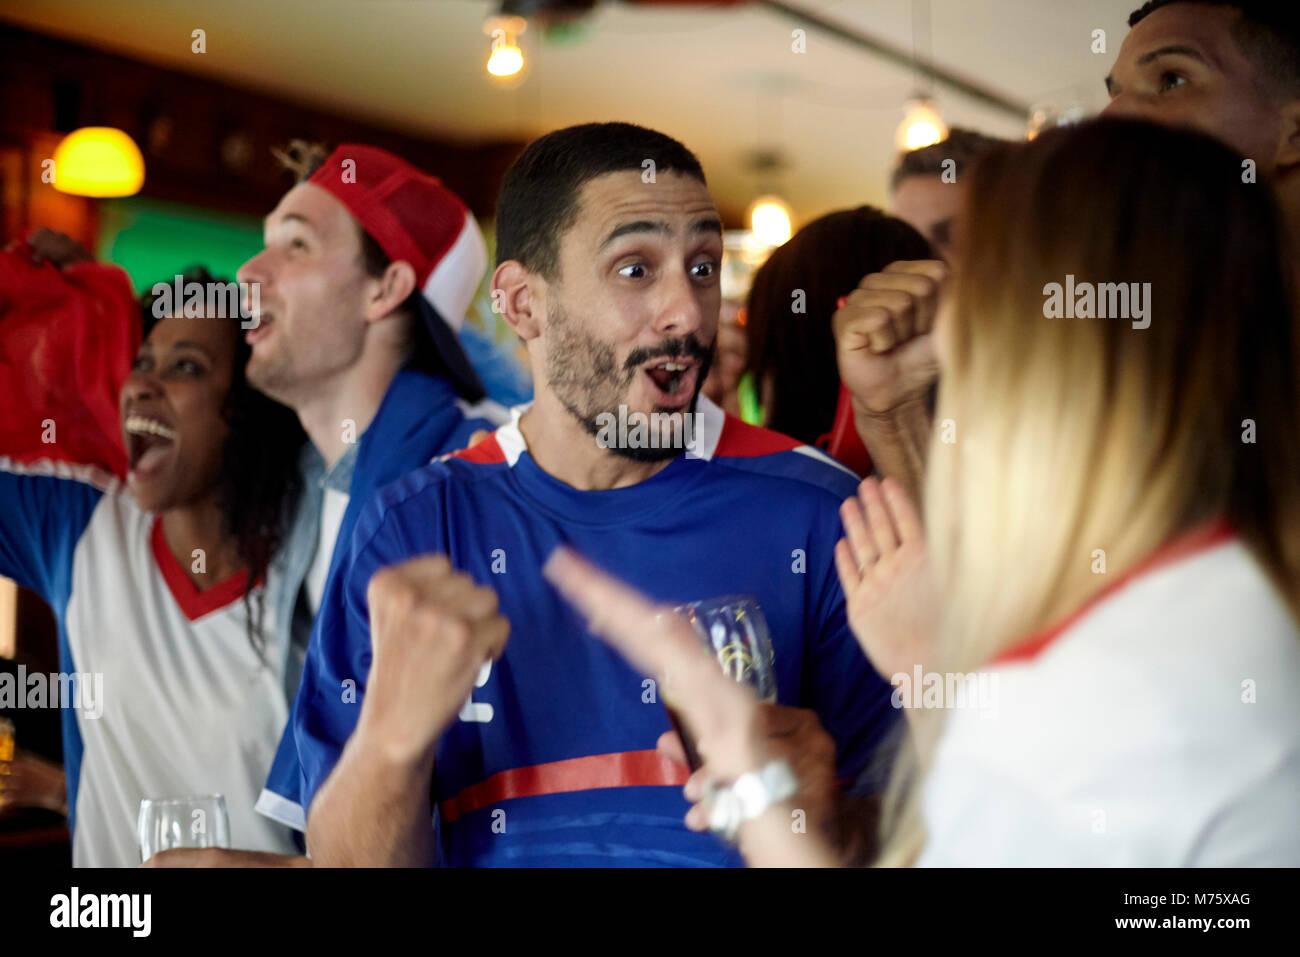 Französische Fußball-Fans feiern Sieg in bar Stockbild